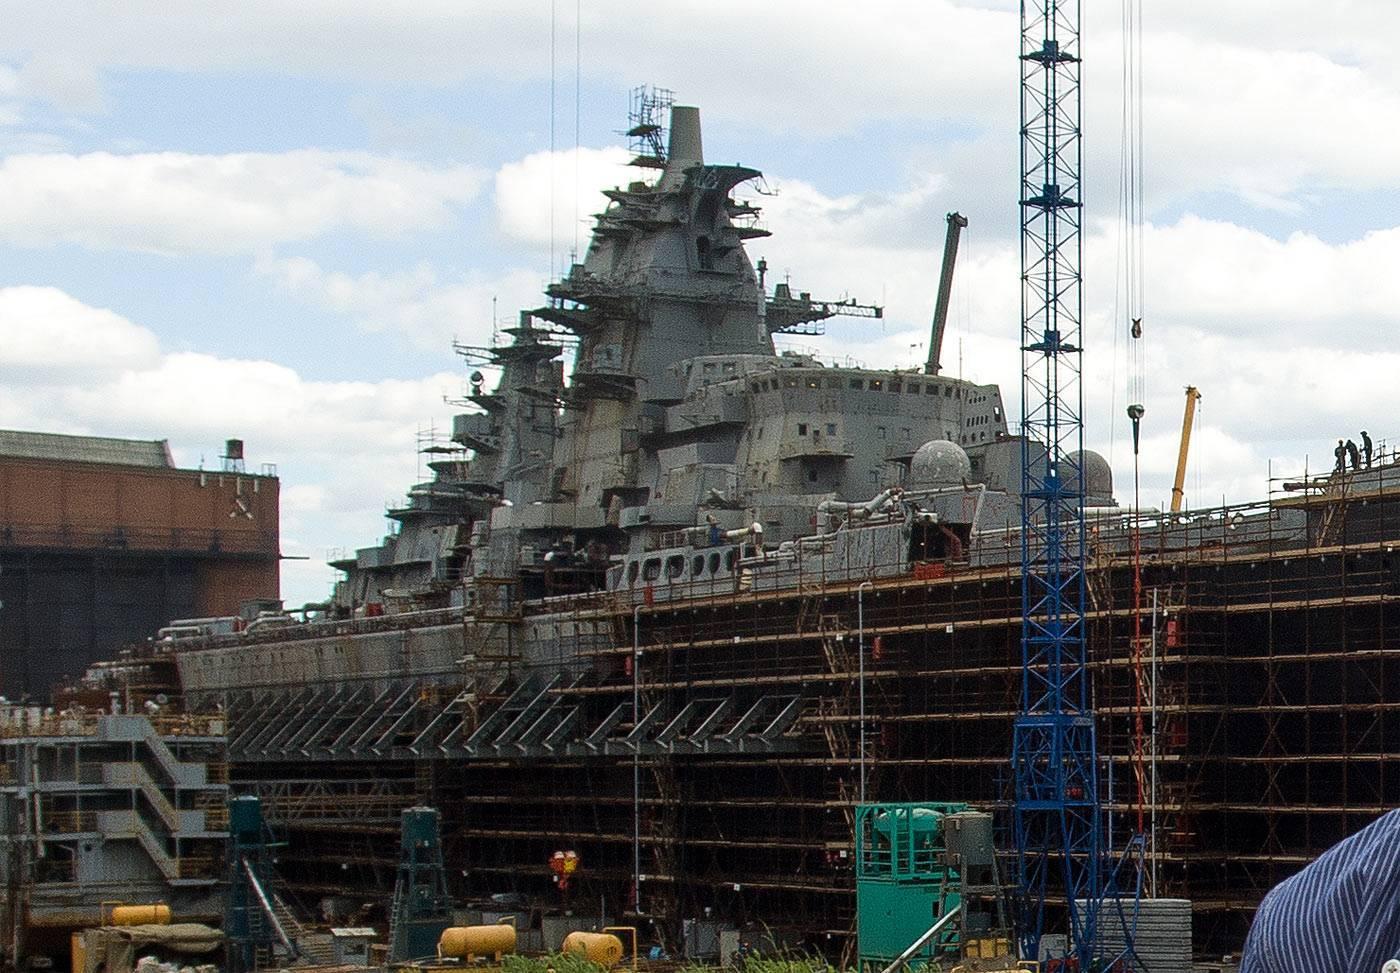 Адмирал нахимов (атомный крейсер) — википедия переиздание // wiki 2